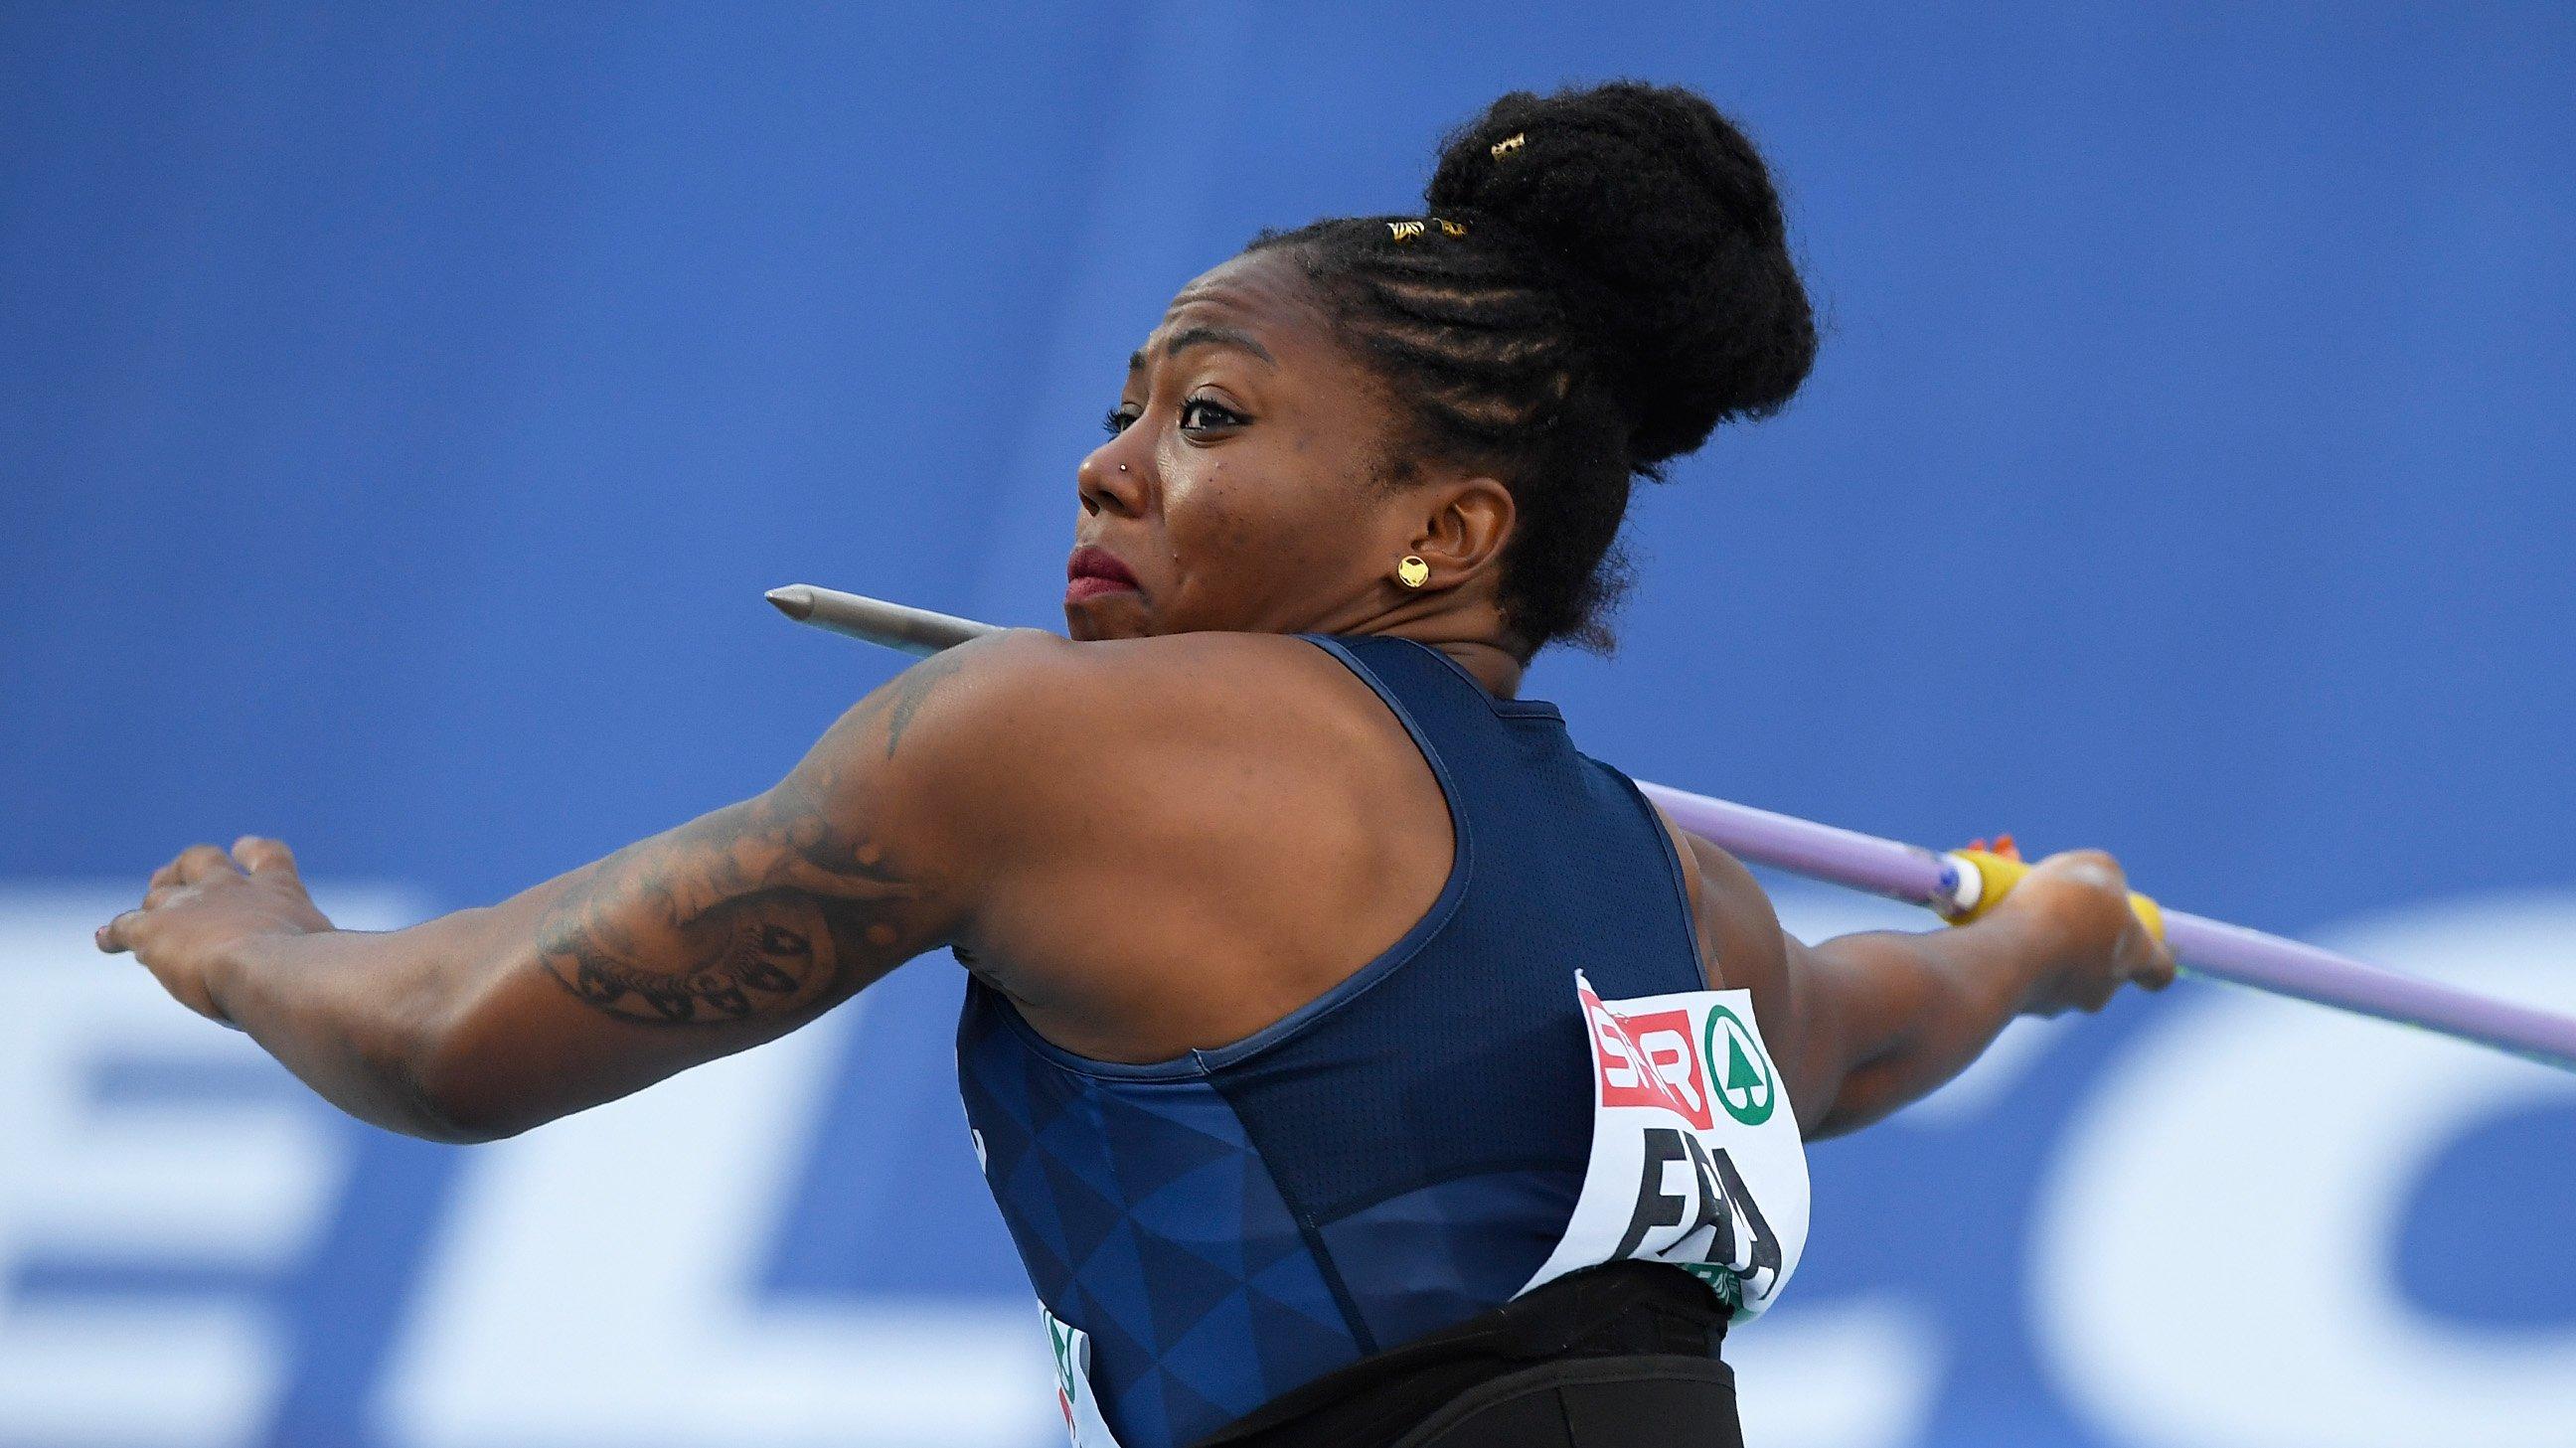 Athlétisme - Euro d'athlétisme par équipes : alléchés par Doha, les Bleus se surpassent à mi-parcours